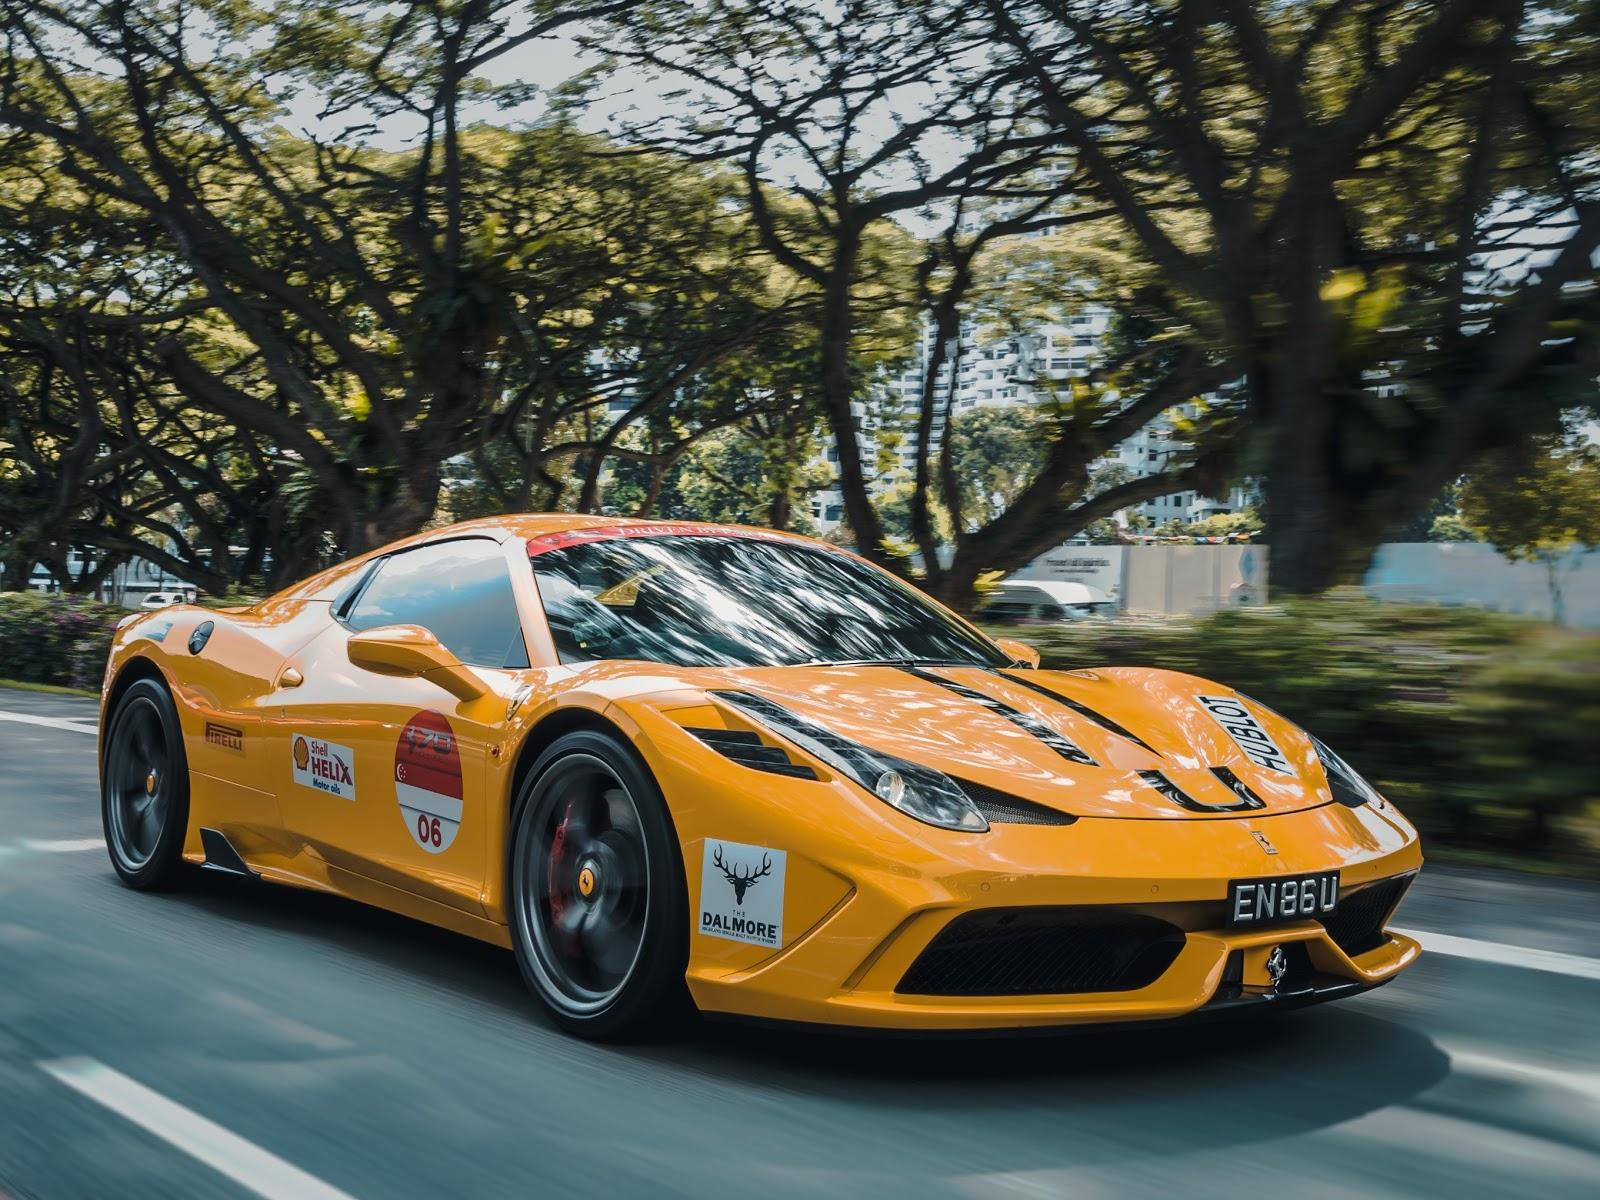 cobra por anunciar en su automóvil: automóvil amarillo con logotipos conduciendo en la carretera